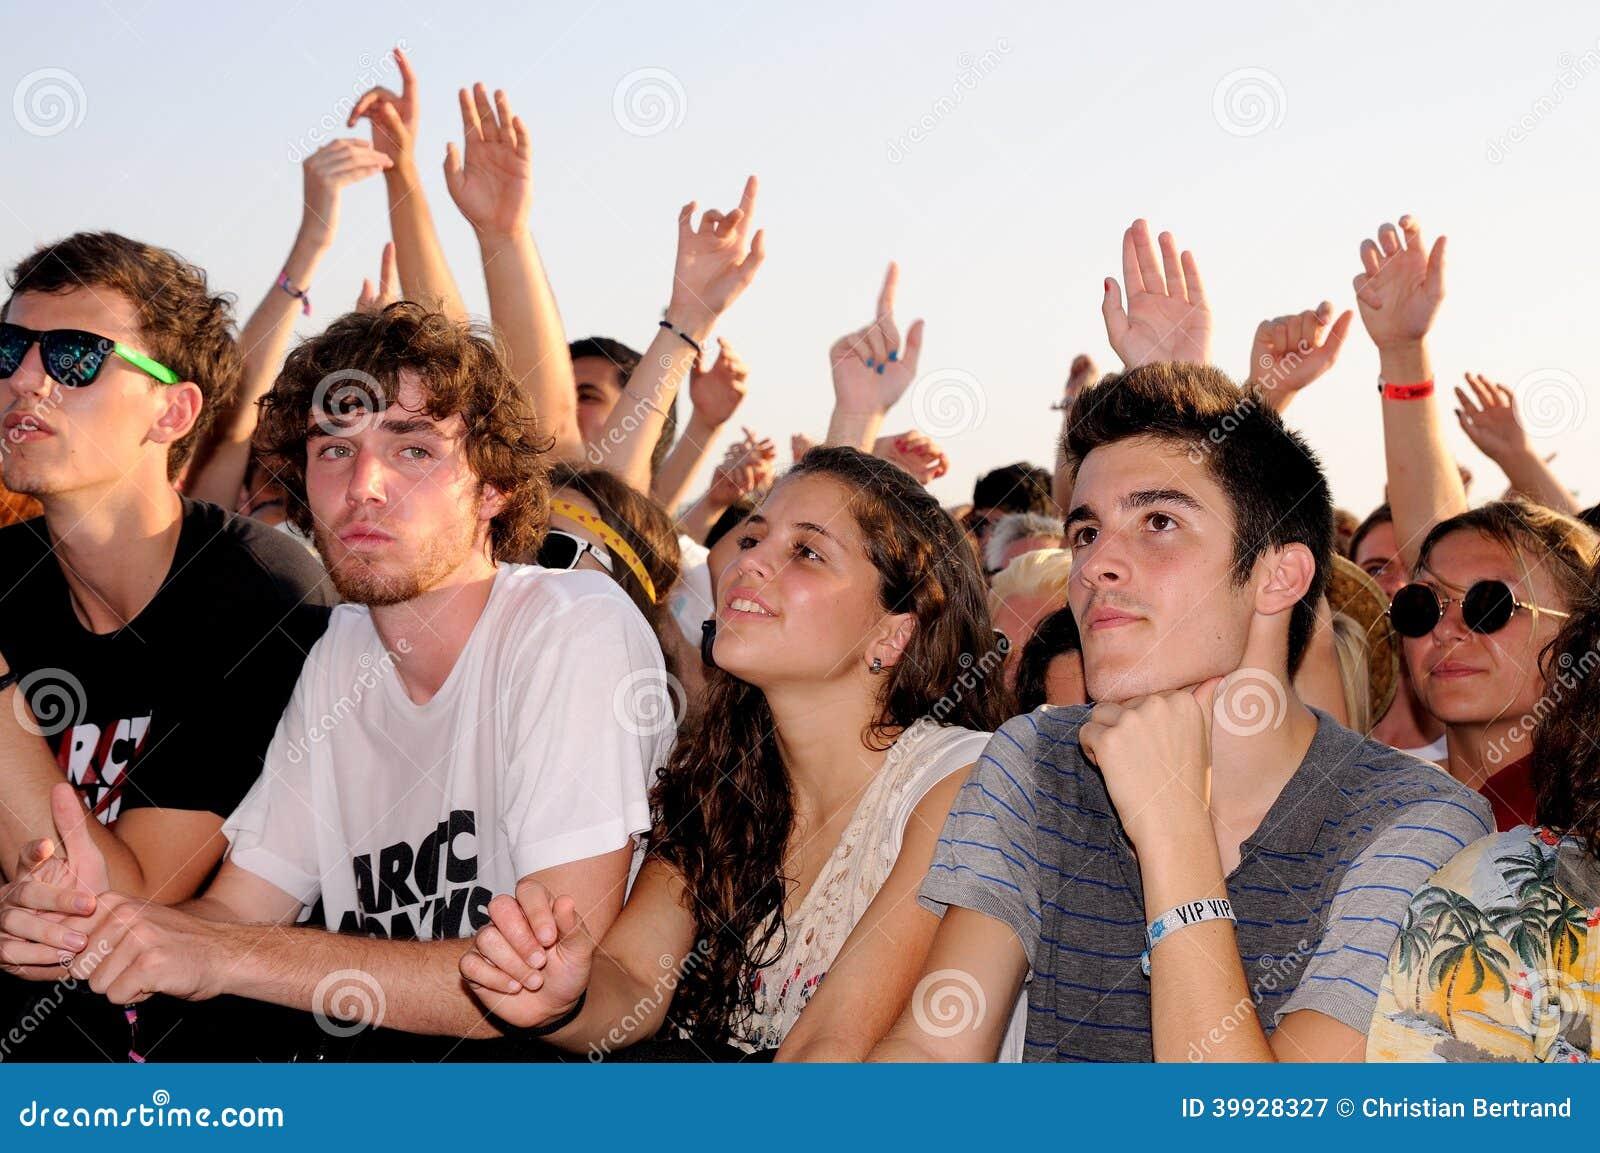 De mensen (ventilators) letten op een overleg van hun favoriete band bij FIB (Festival Internacional DE Benicassim) 2013 Festival